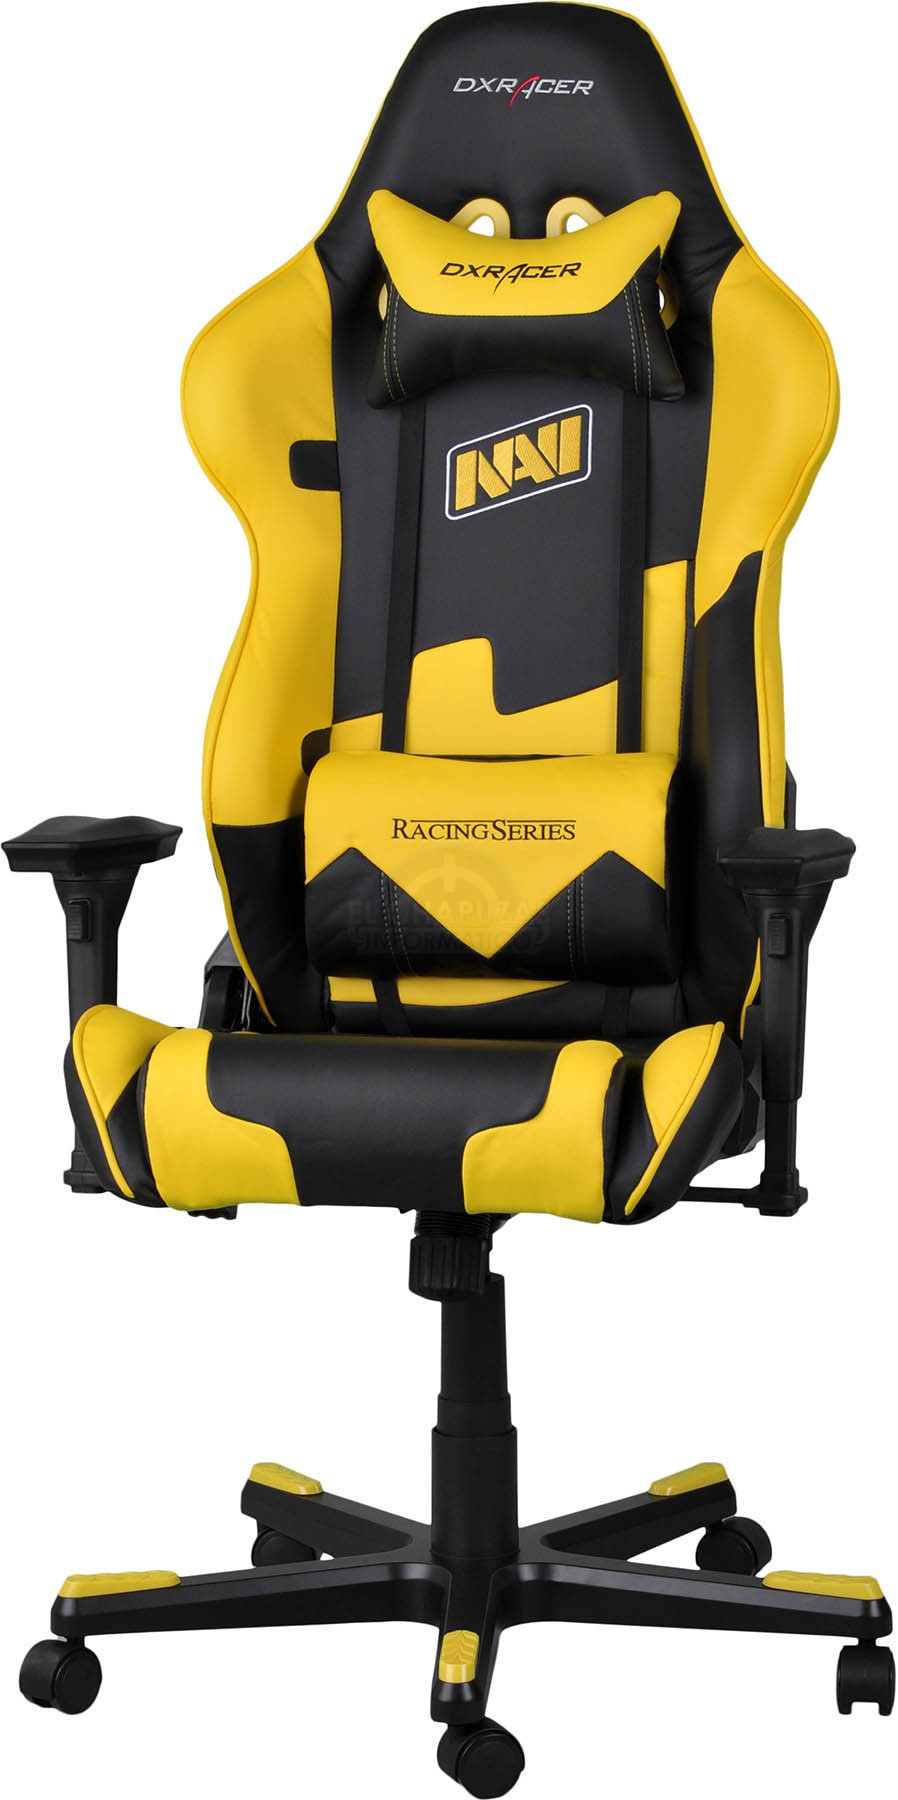 Queres una nueva silla gamer lince dxracer 500 euros for Donde comprar una silla gamer